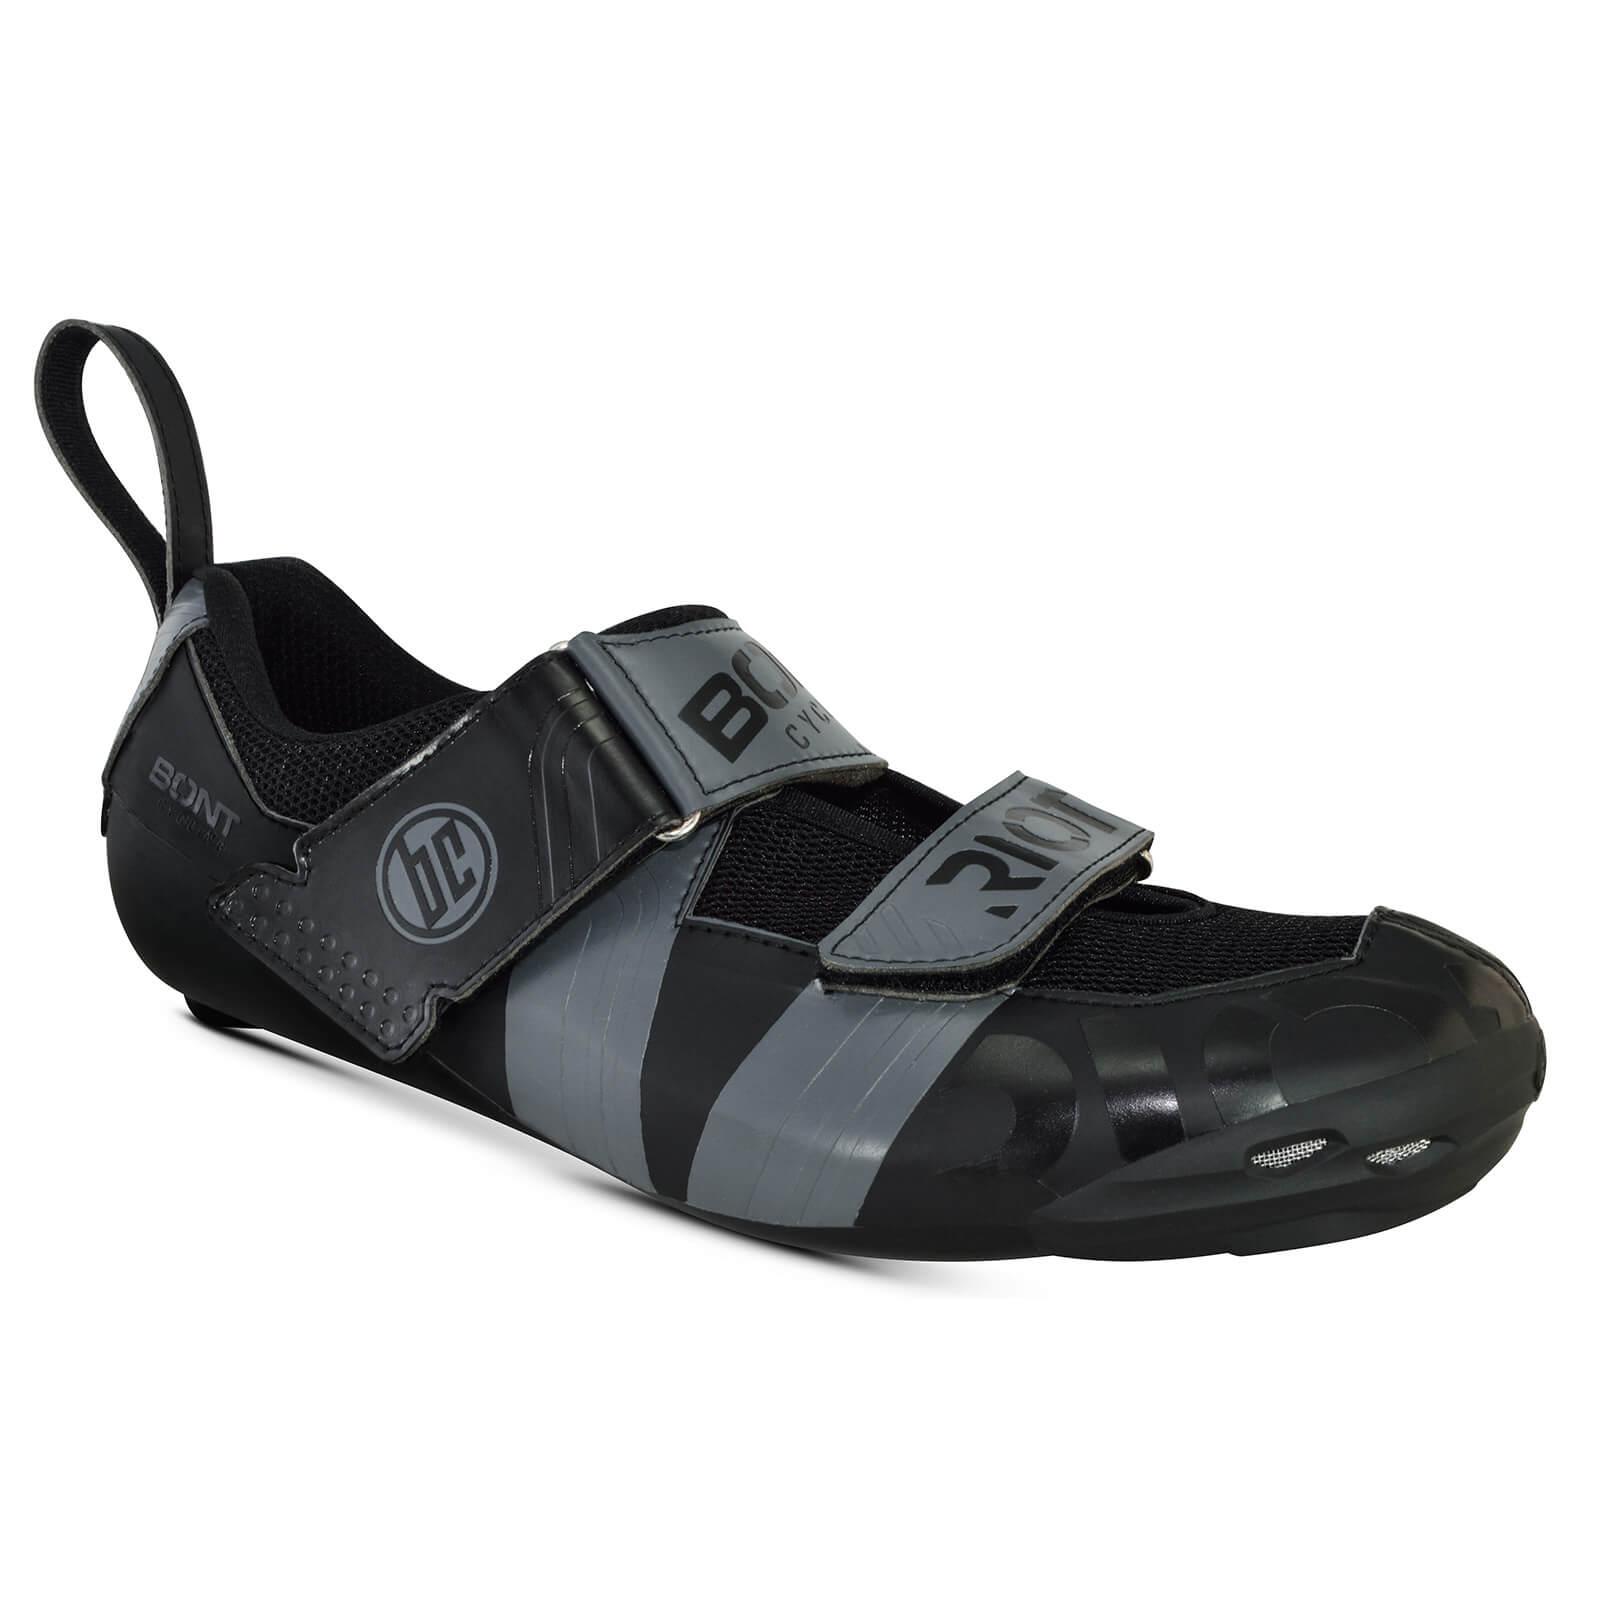 Bont Riot TR+ Road Shoes - EU 45 - Black/Grey